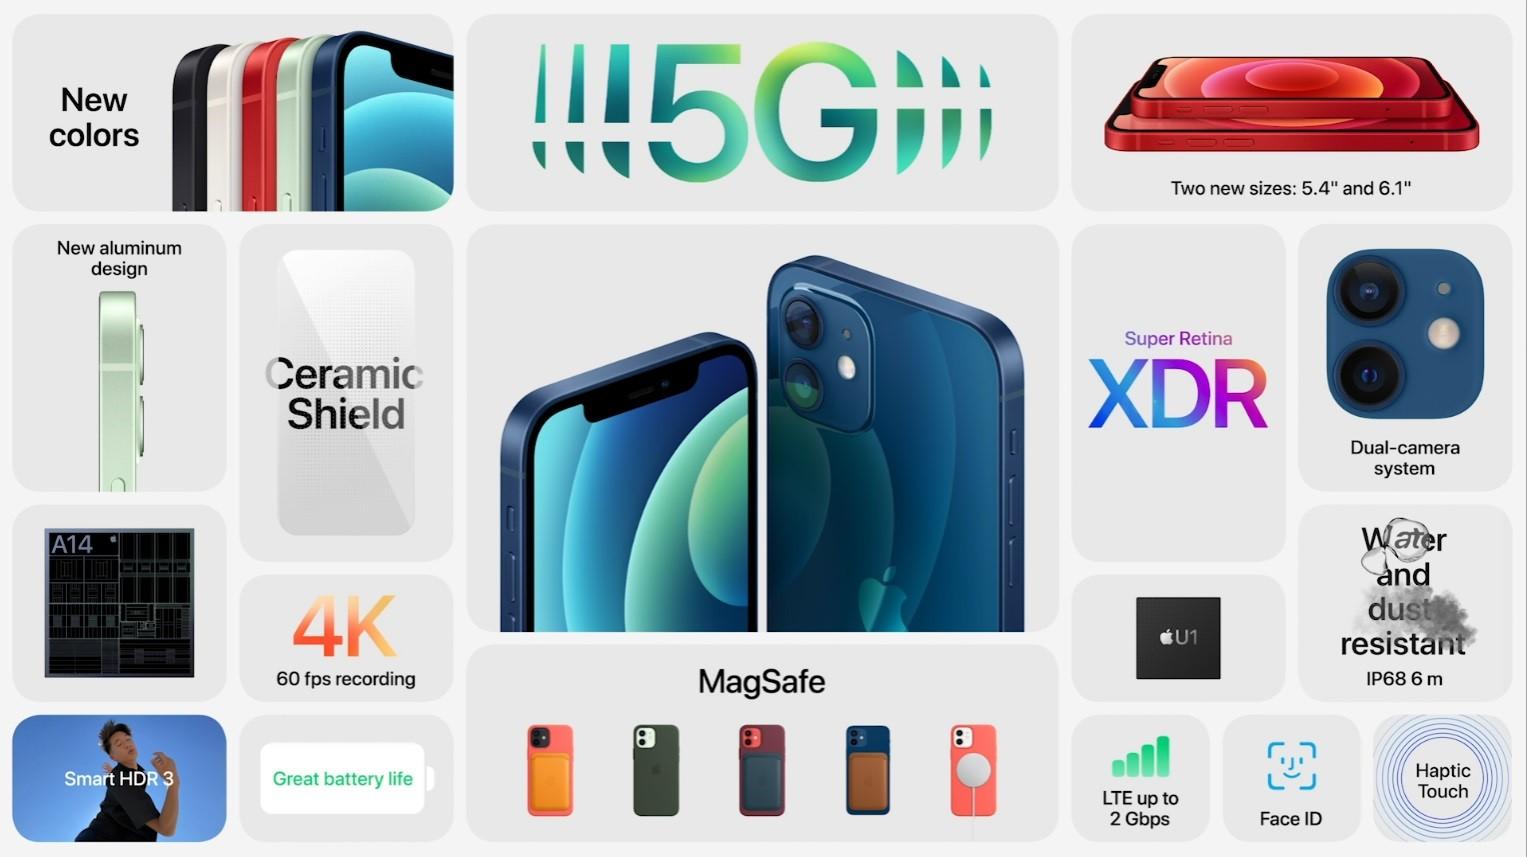 Bemutatkozott az iPhone 12 mini és iPhone 12, az Apple gazdaságos telefonjai!